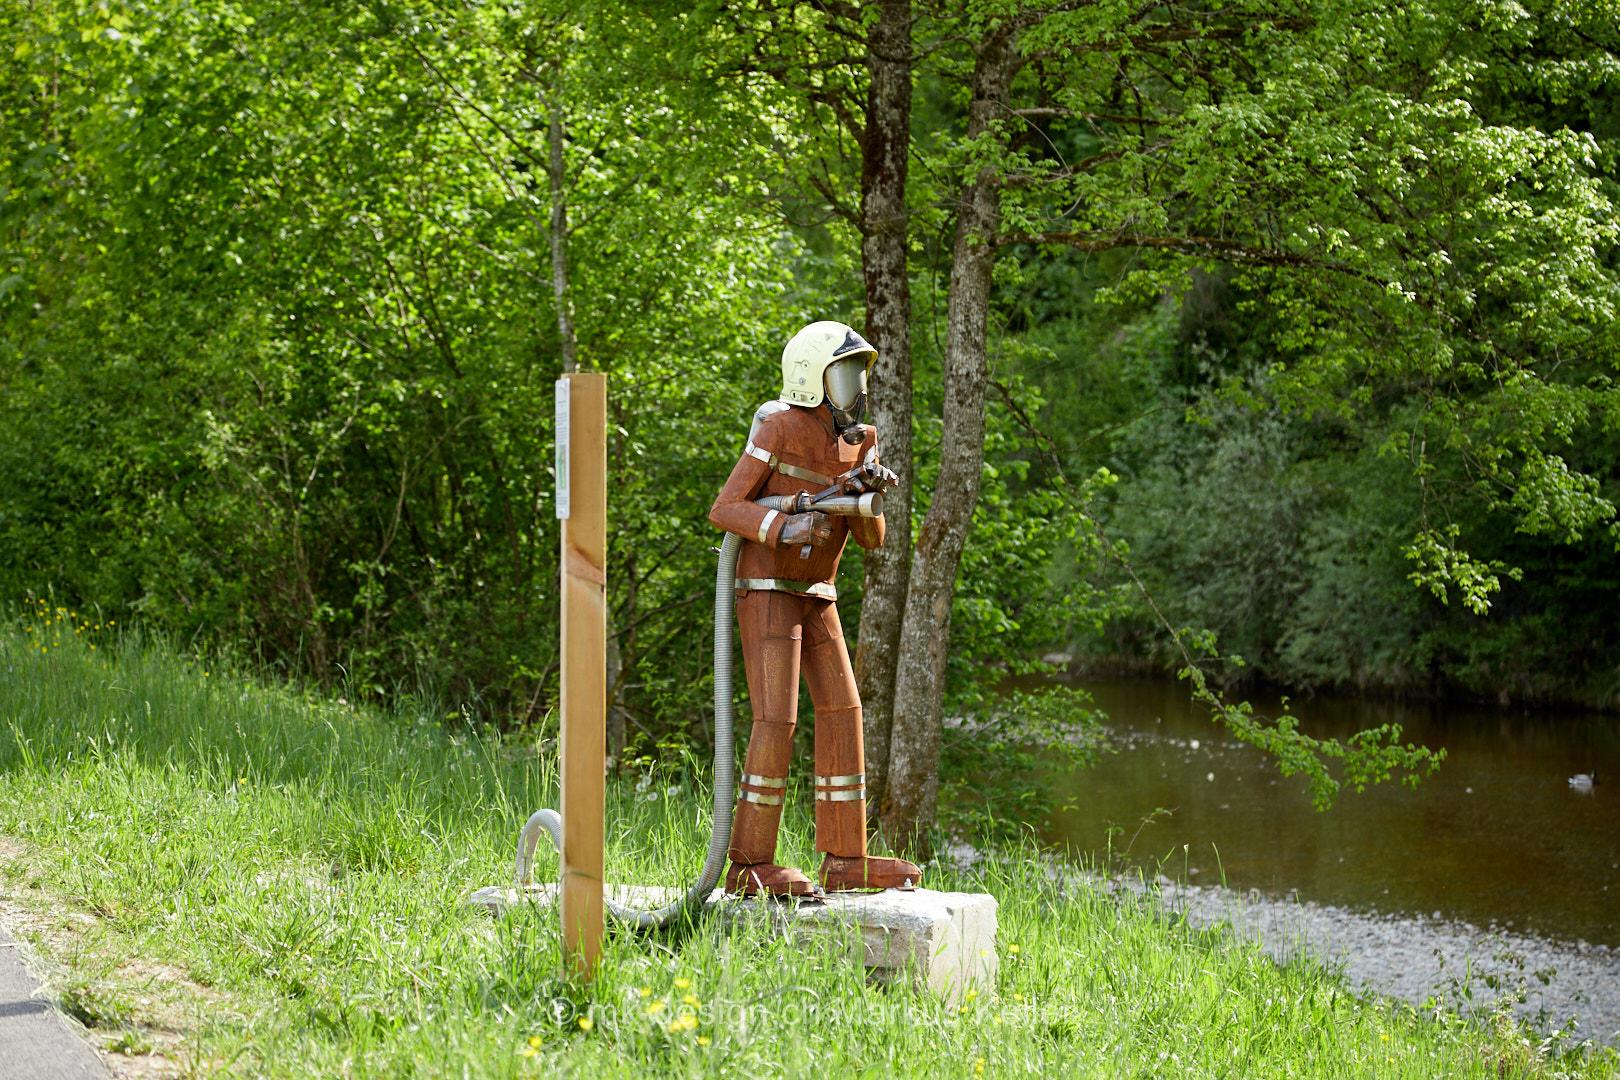 Mensch   Feuerwehrmann   Bauwerk   Statue/Skulptur